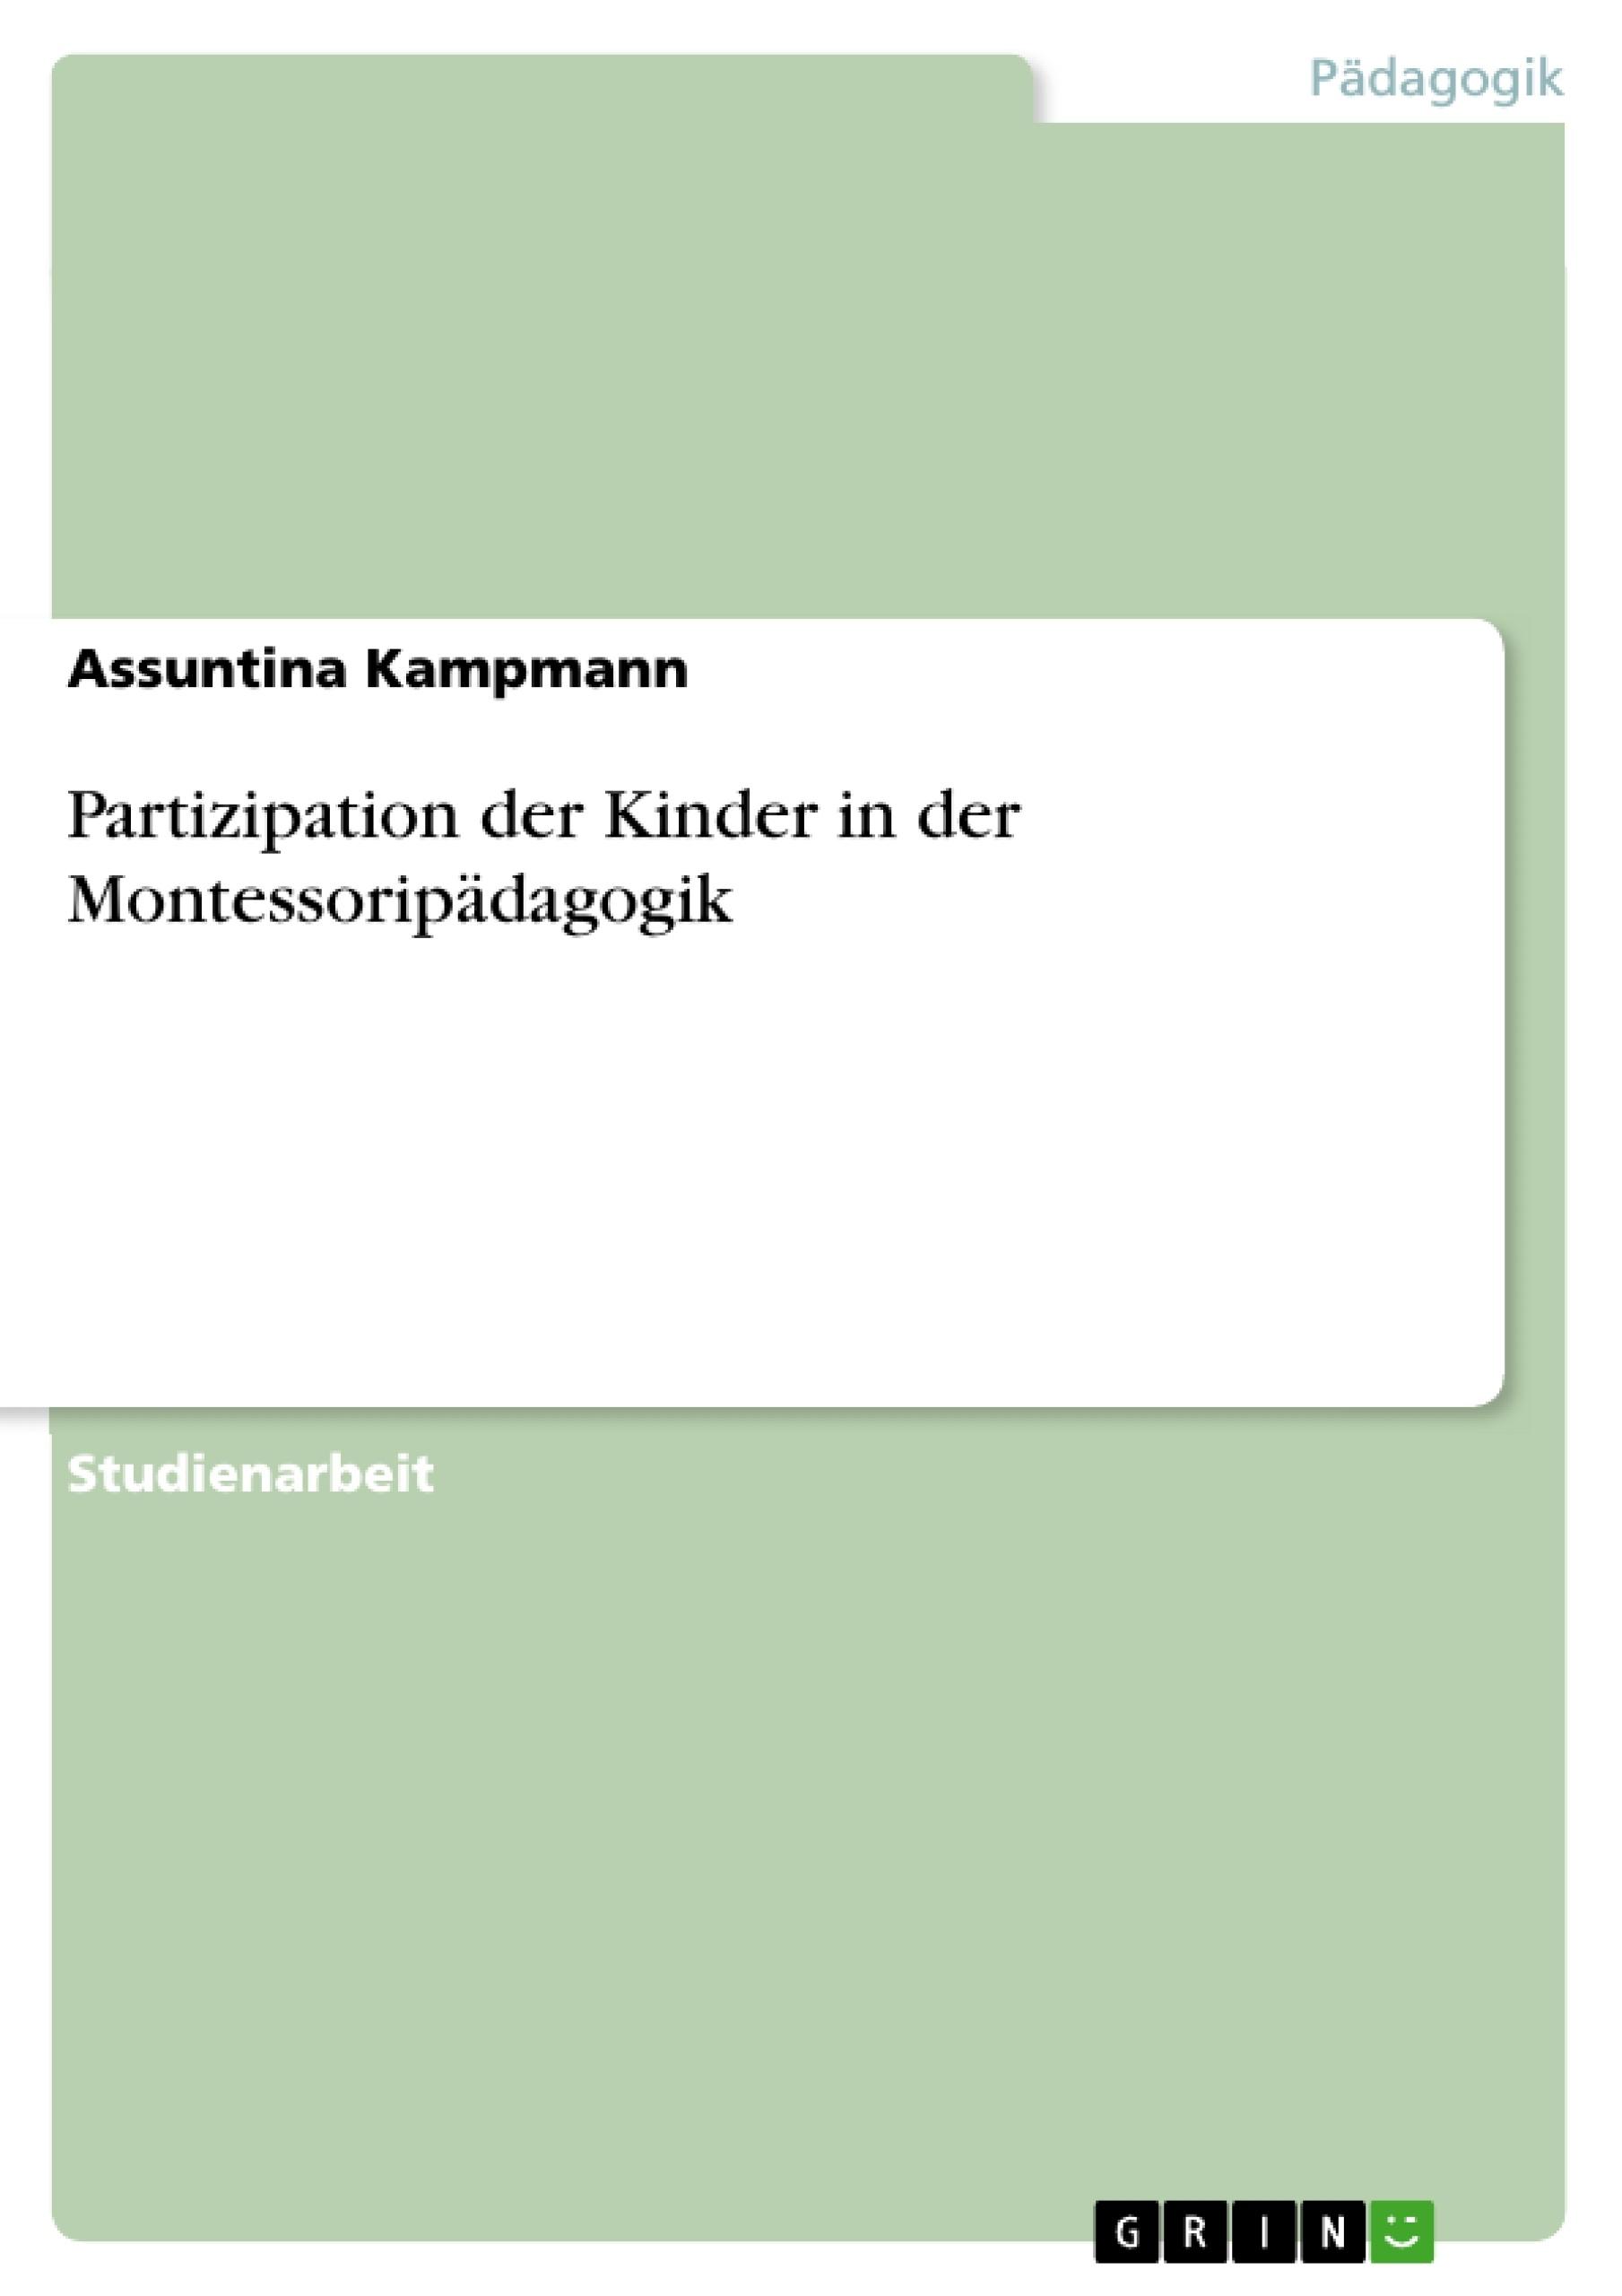 Titel: Partizipation der Kinder in der Montessoripädagogik